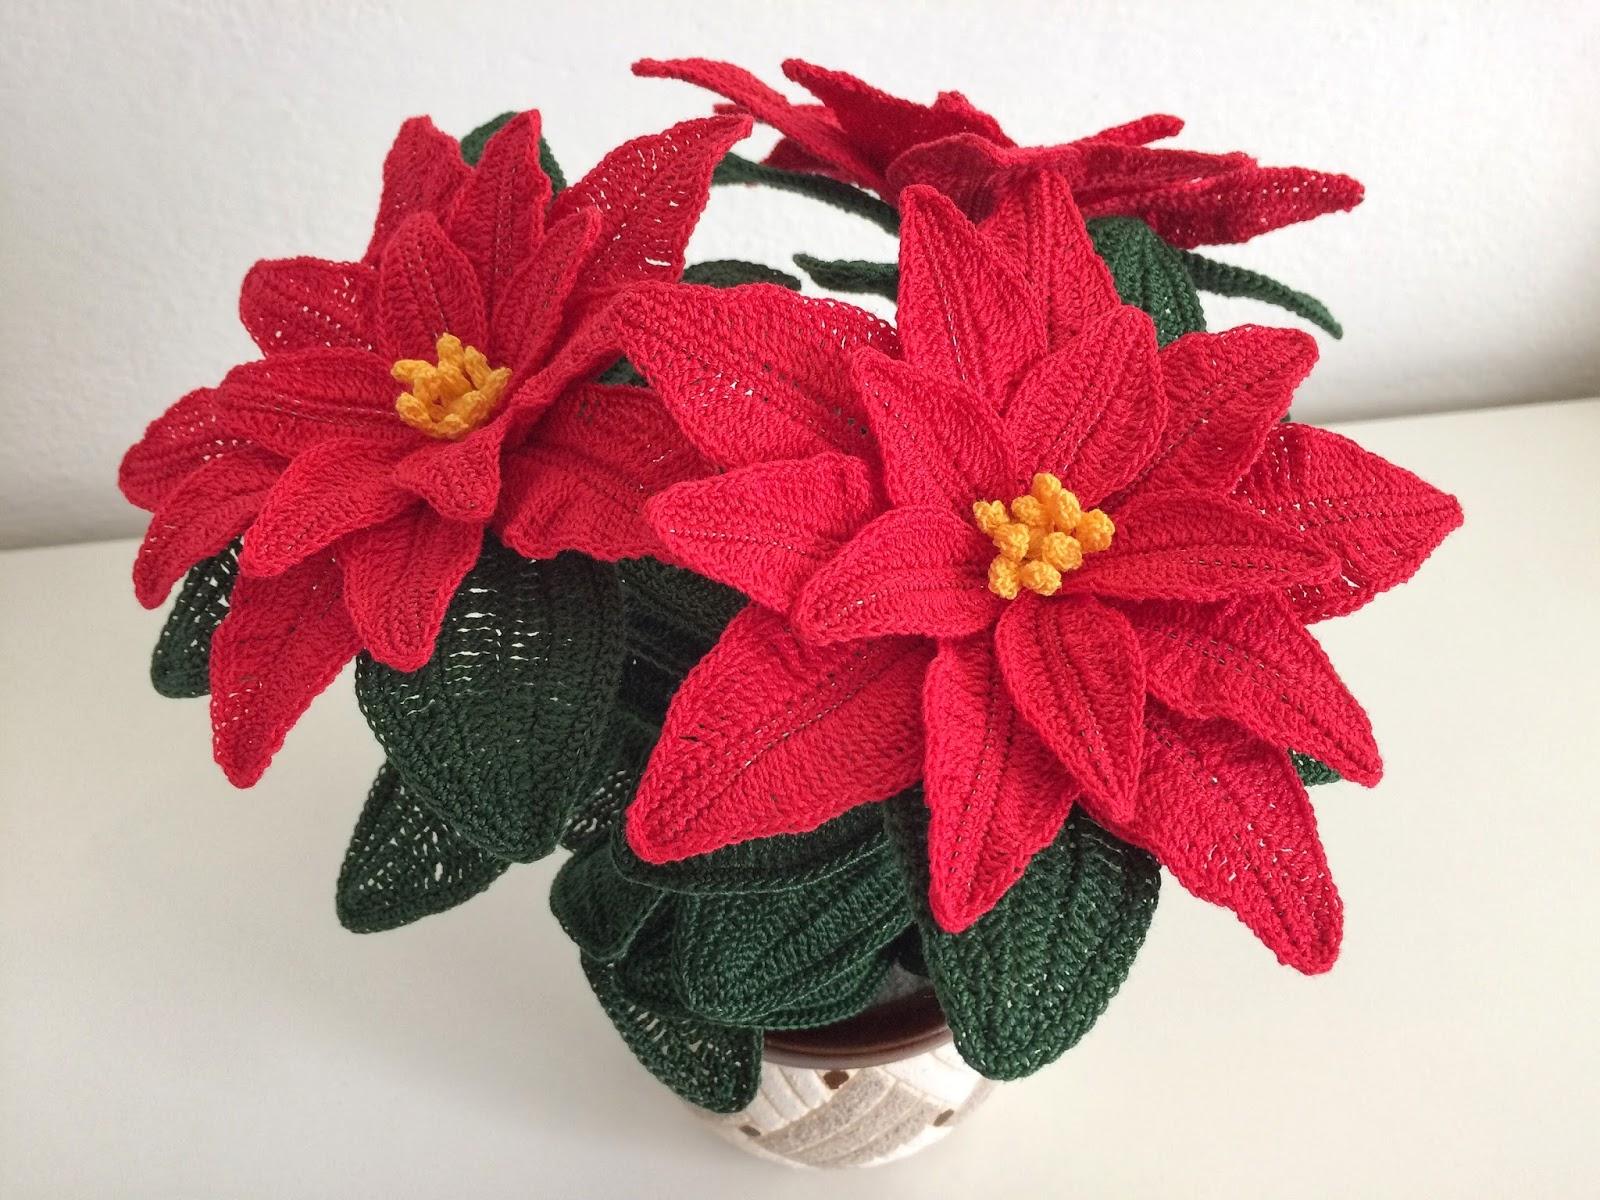 Eccezionale Il Blog di Sam: Spiegazione della Stella di Natale all'uncinetto OL21